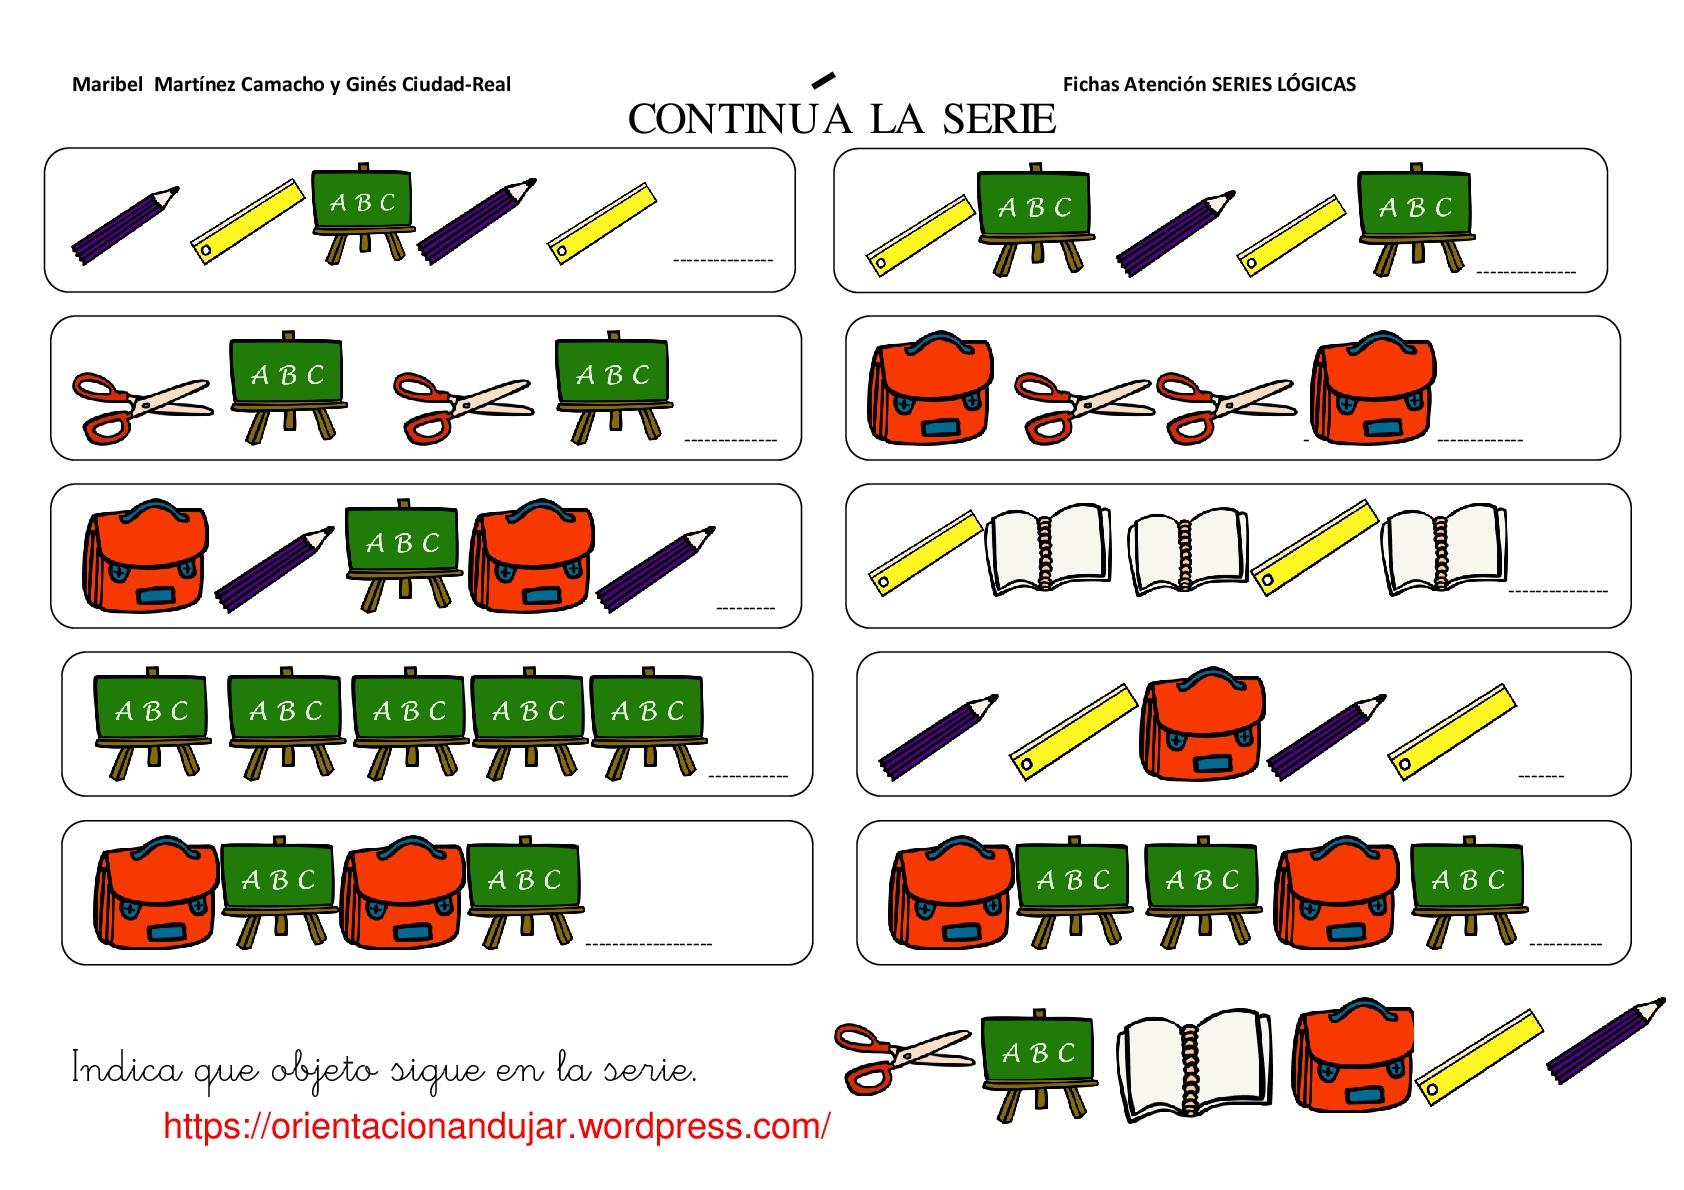 Continua-la-serie-fichas-1-20-008